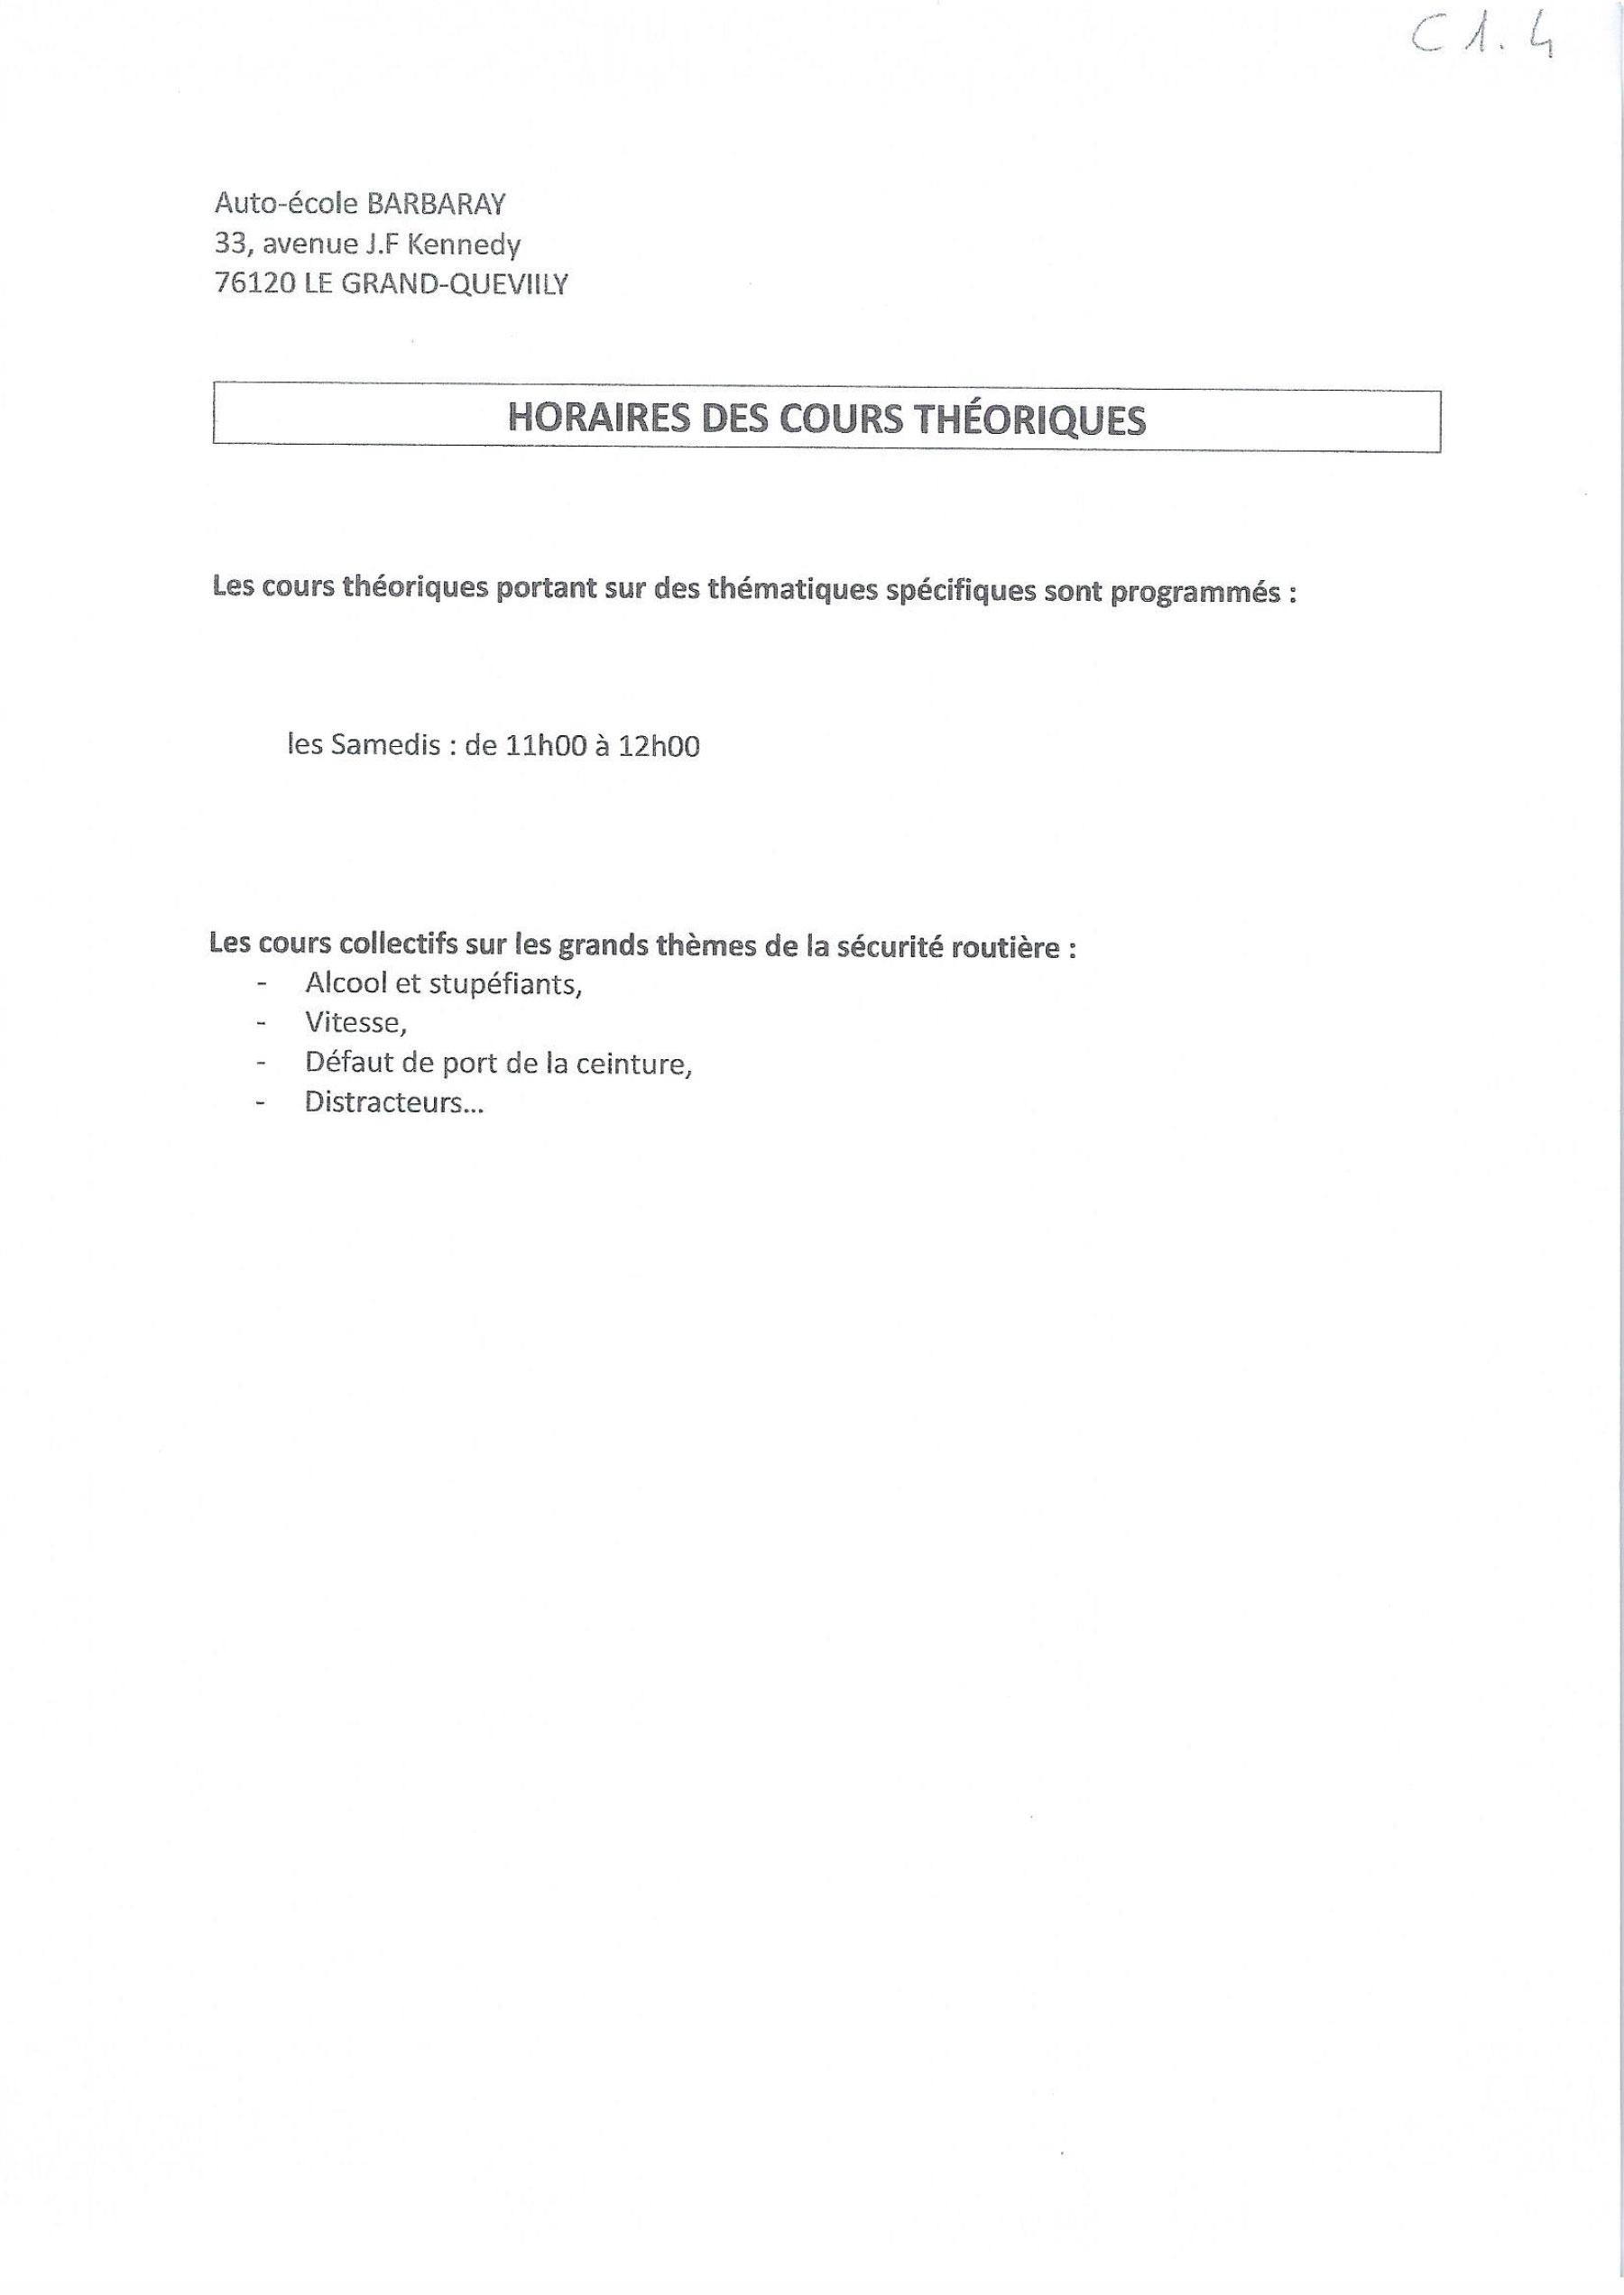 HORAIRES-DES-COURS-THEORIQUES